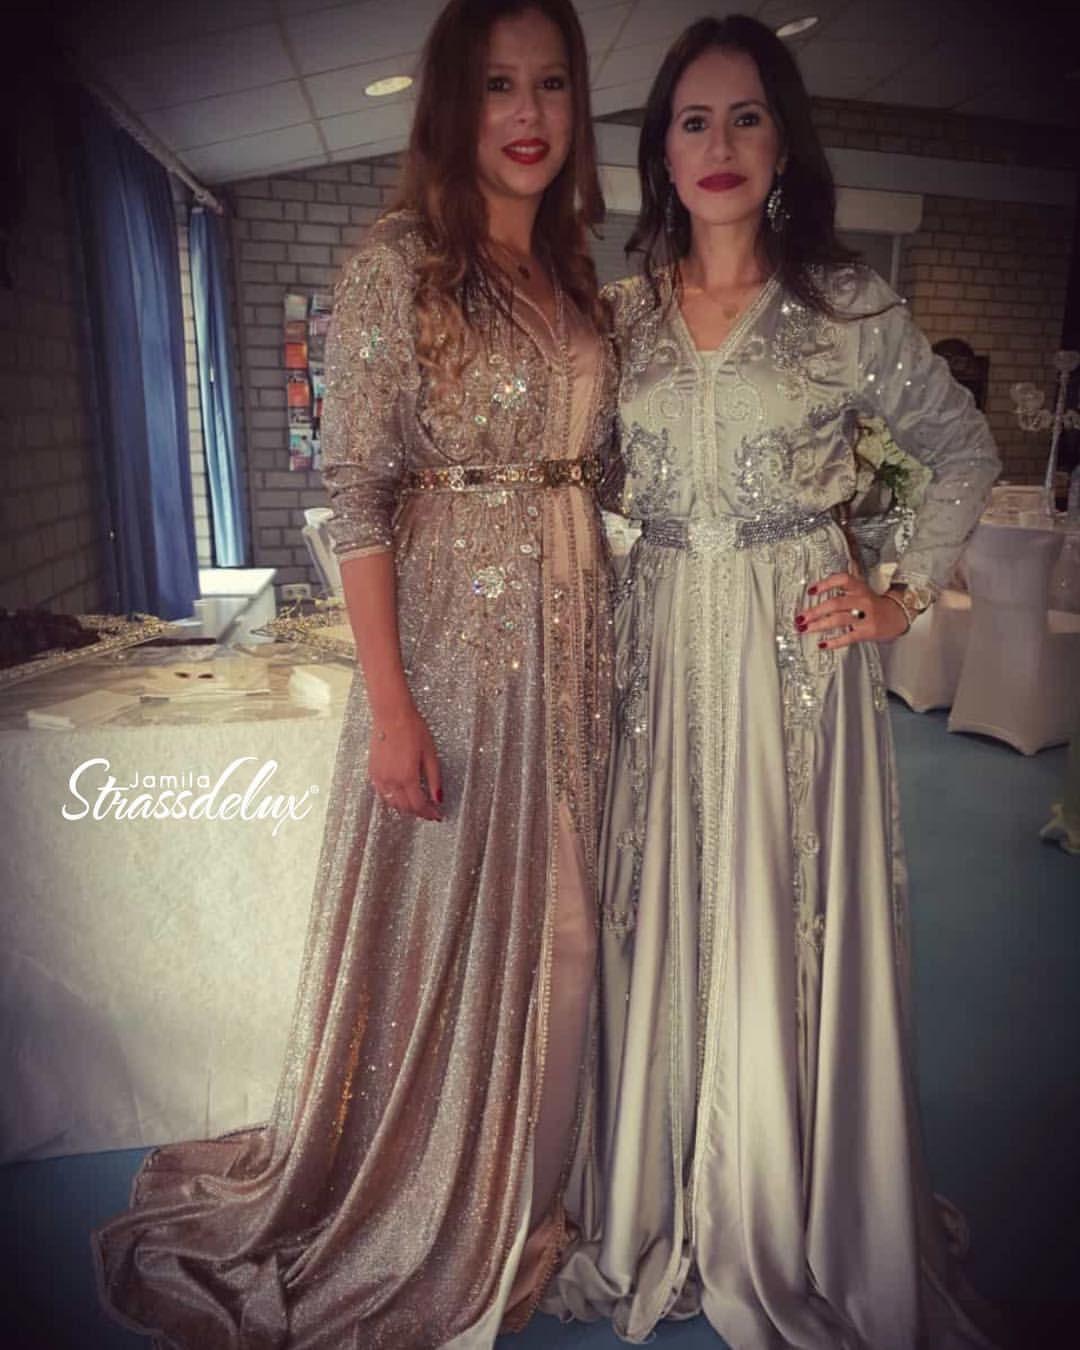 Pin von Rachida auf Hochzeit  Hochzeit kleidung, Abendkleid, Kleidung